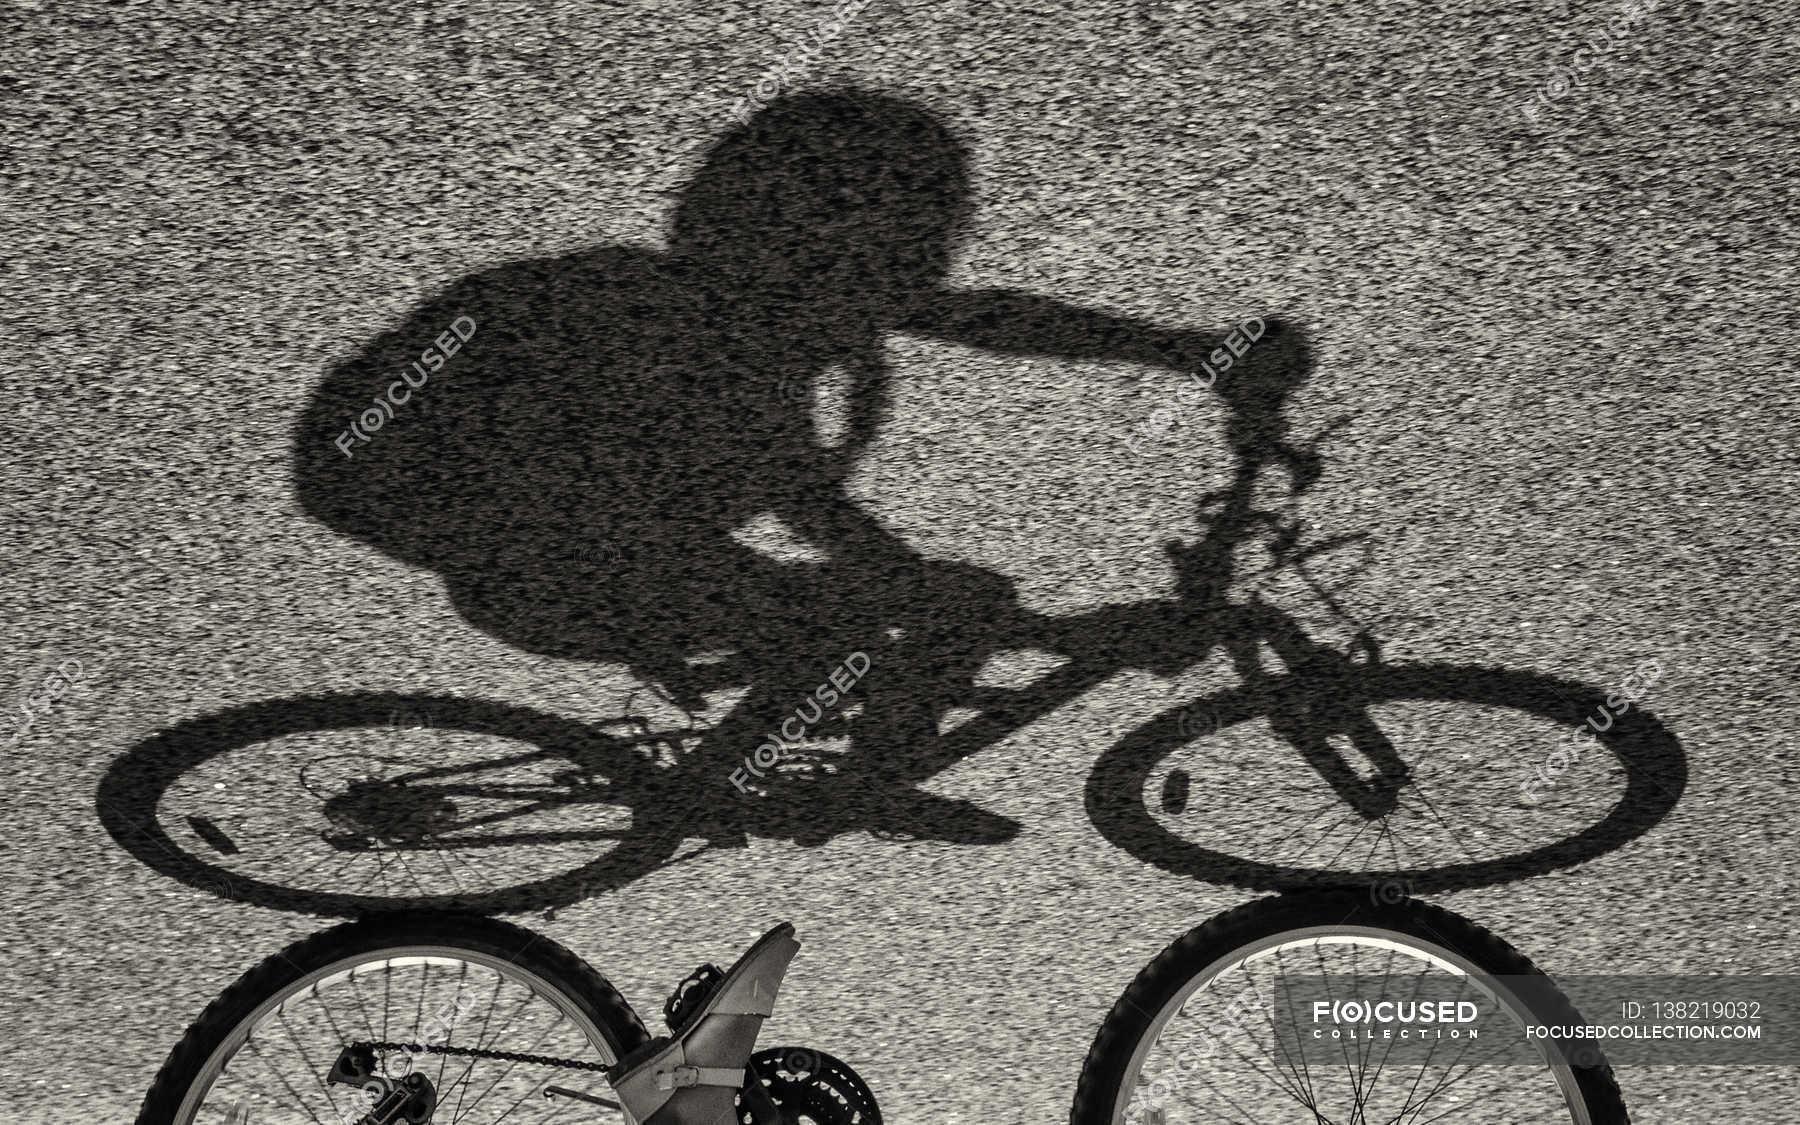 Schatten der Mädchen Reiten Fahrrad — Stockfoto   #138219032